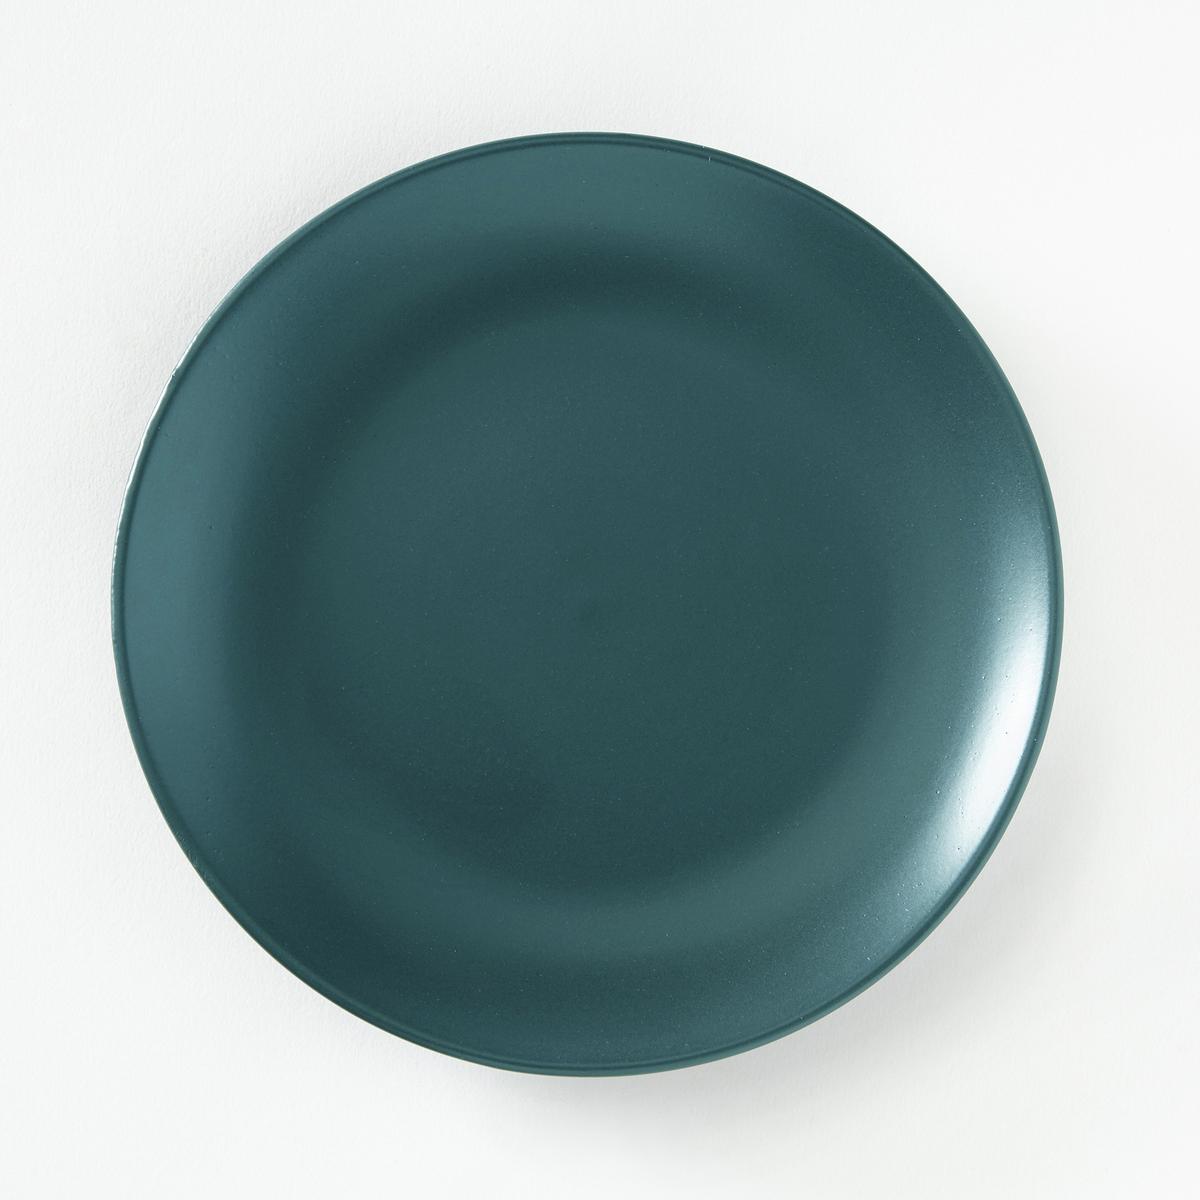 4 тарелки десертные из матовой керамики, Abessi4 тарелки десертные из матовой керамики Abessi . Завтрак, обед или ужин, La Redoute Int?rieurs Вас приглашает к столу. Характеристики 4 десертных тарелок из матовой керамики Abessi :- Из керамики с матовой отделкой  .- Диаметр 20 см  .- Можно использовать в посудомоечных машинах и микроволновых печах.Плоские и глубокие тарелки Abessi продаются на нашем сайте .<br><br>Цвет: антрацит,зеленый,сине-зеленый